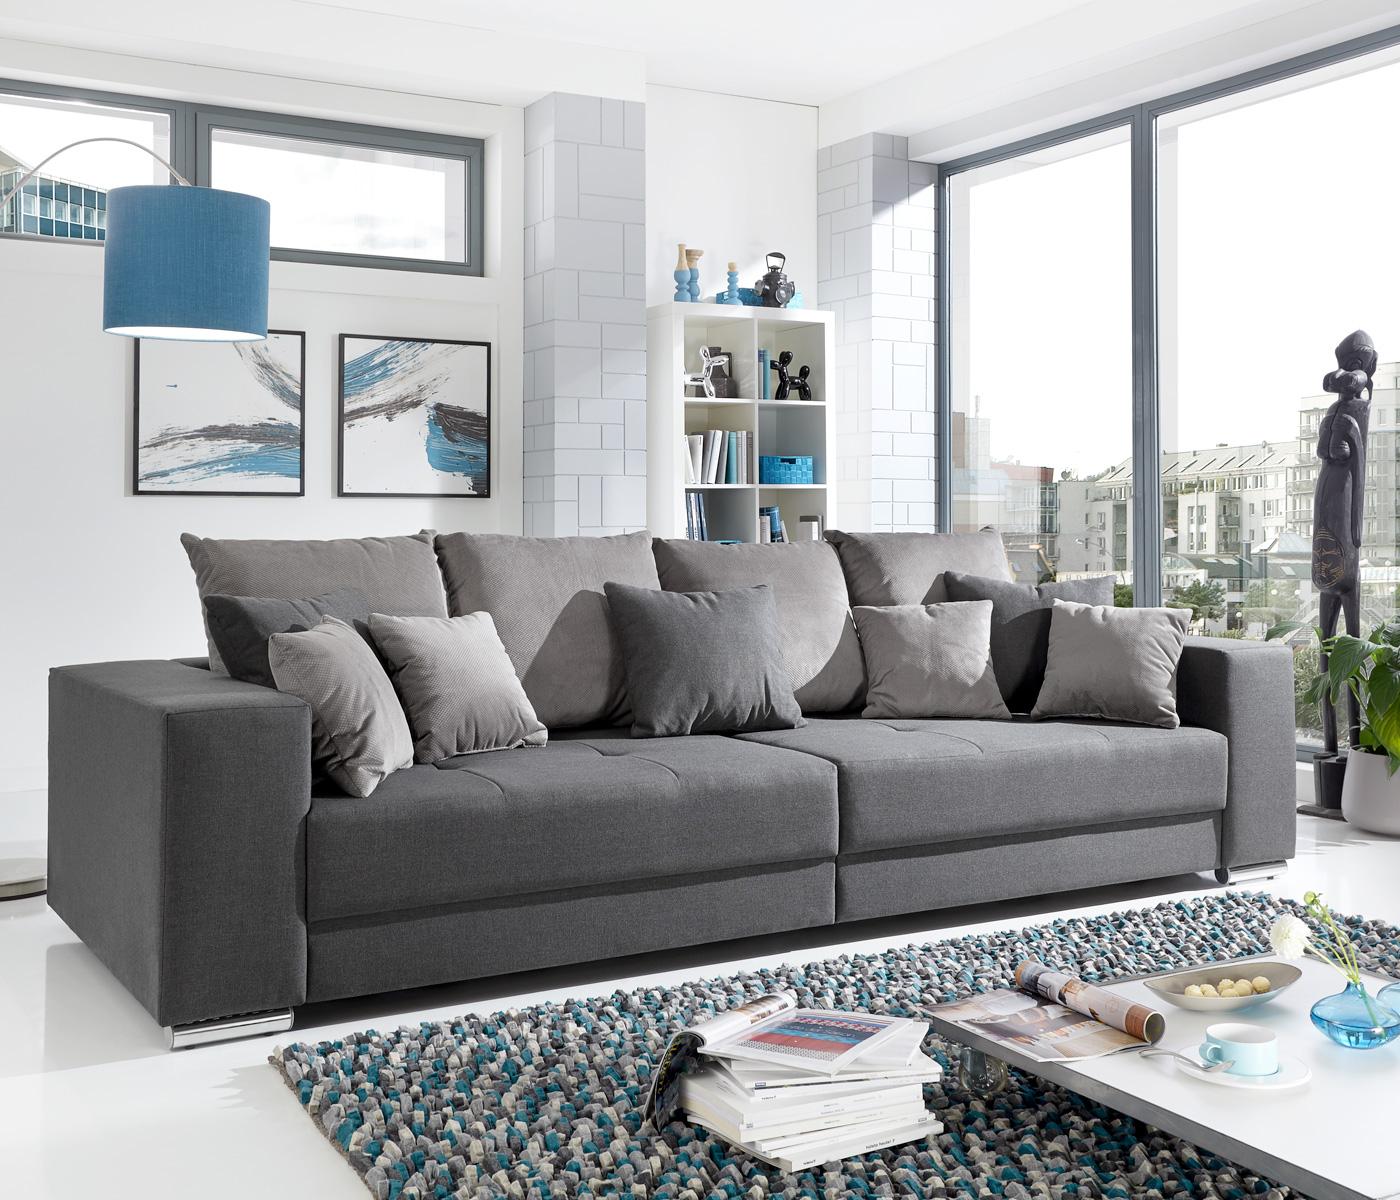 Sofa Wohnzimmer, bigsofa adria big sofa wohnzimmer xxl couch stoffausführung oder, Design ideen